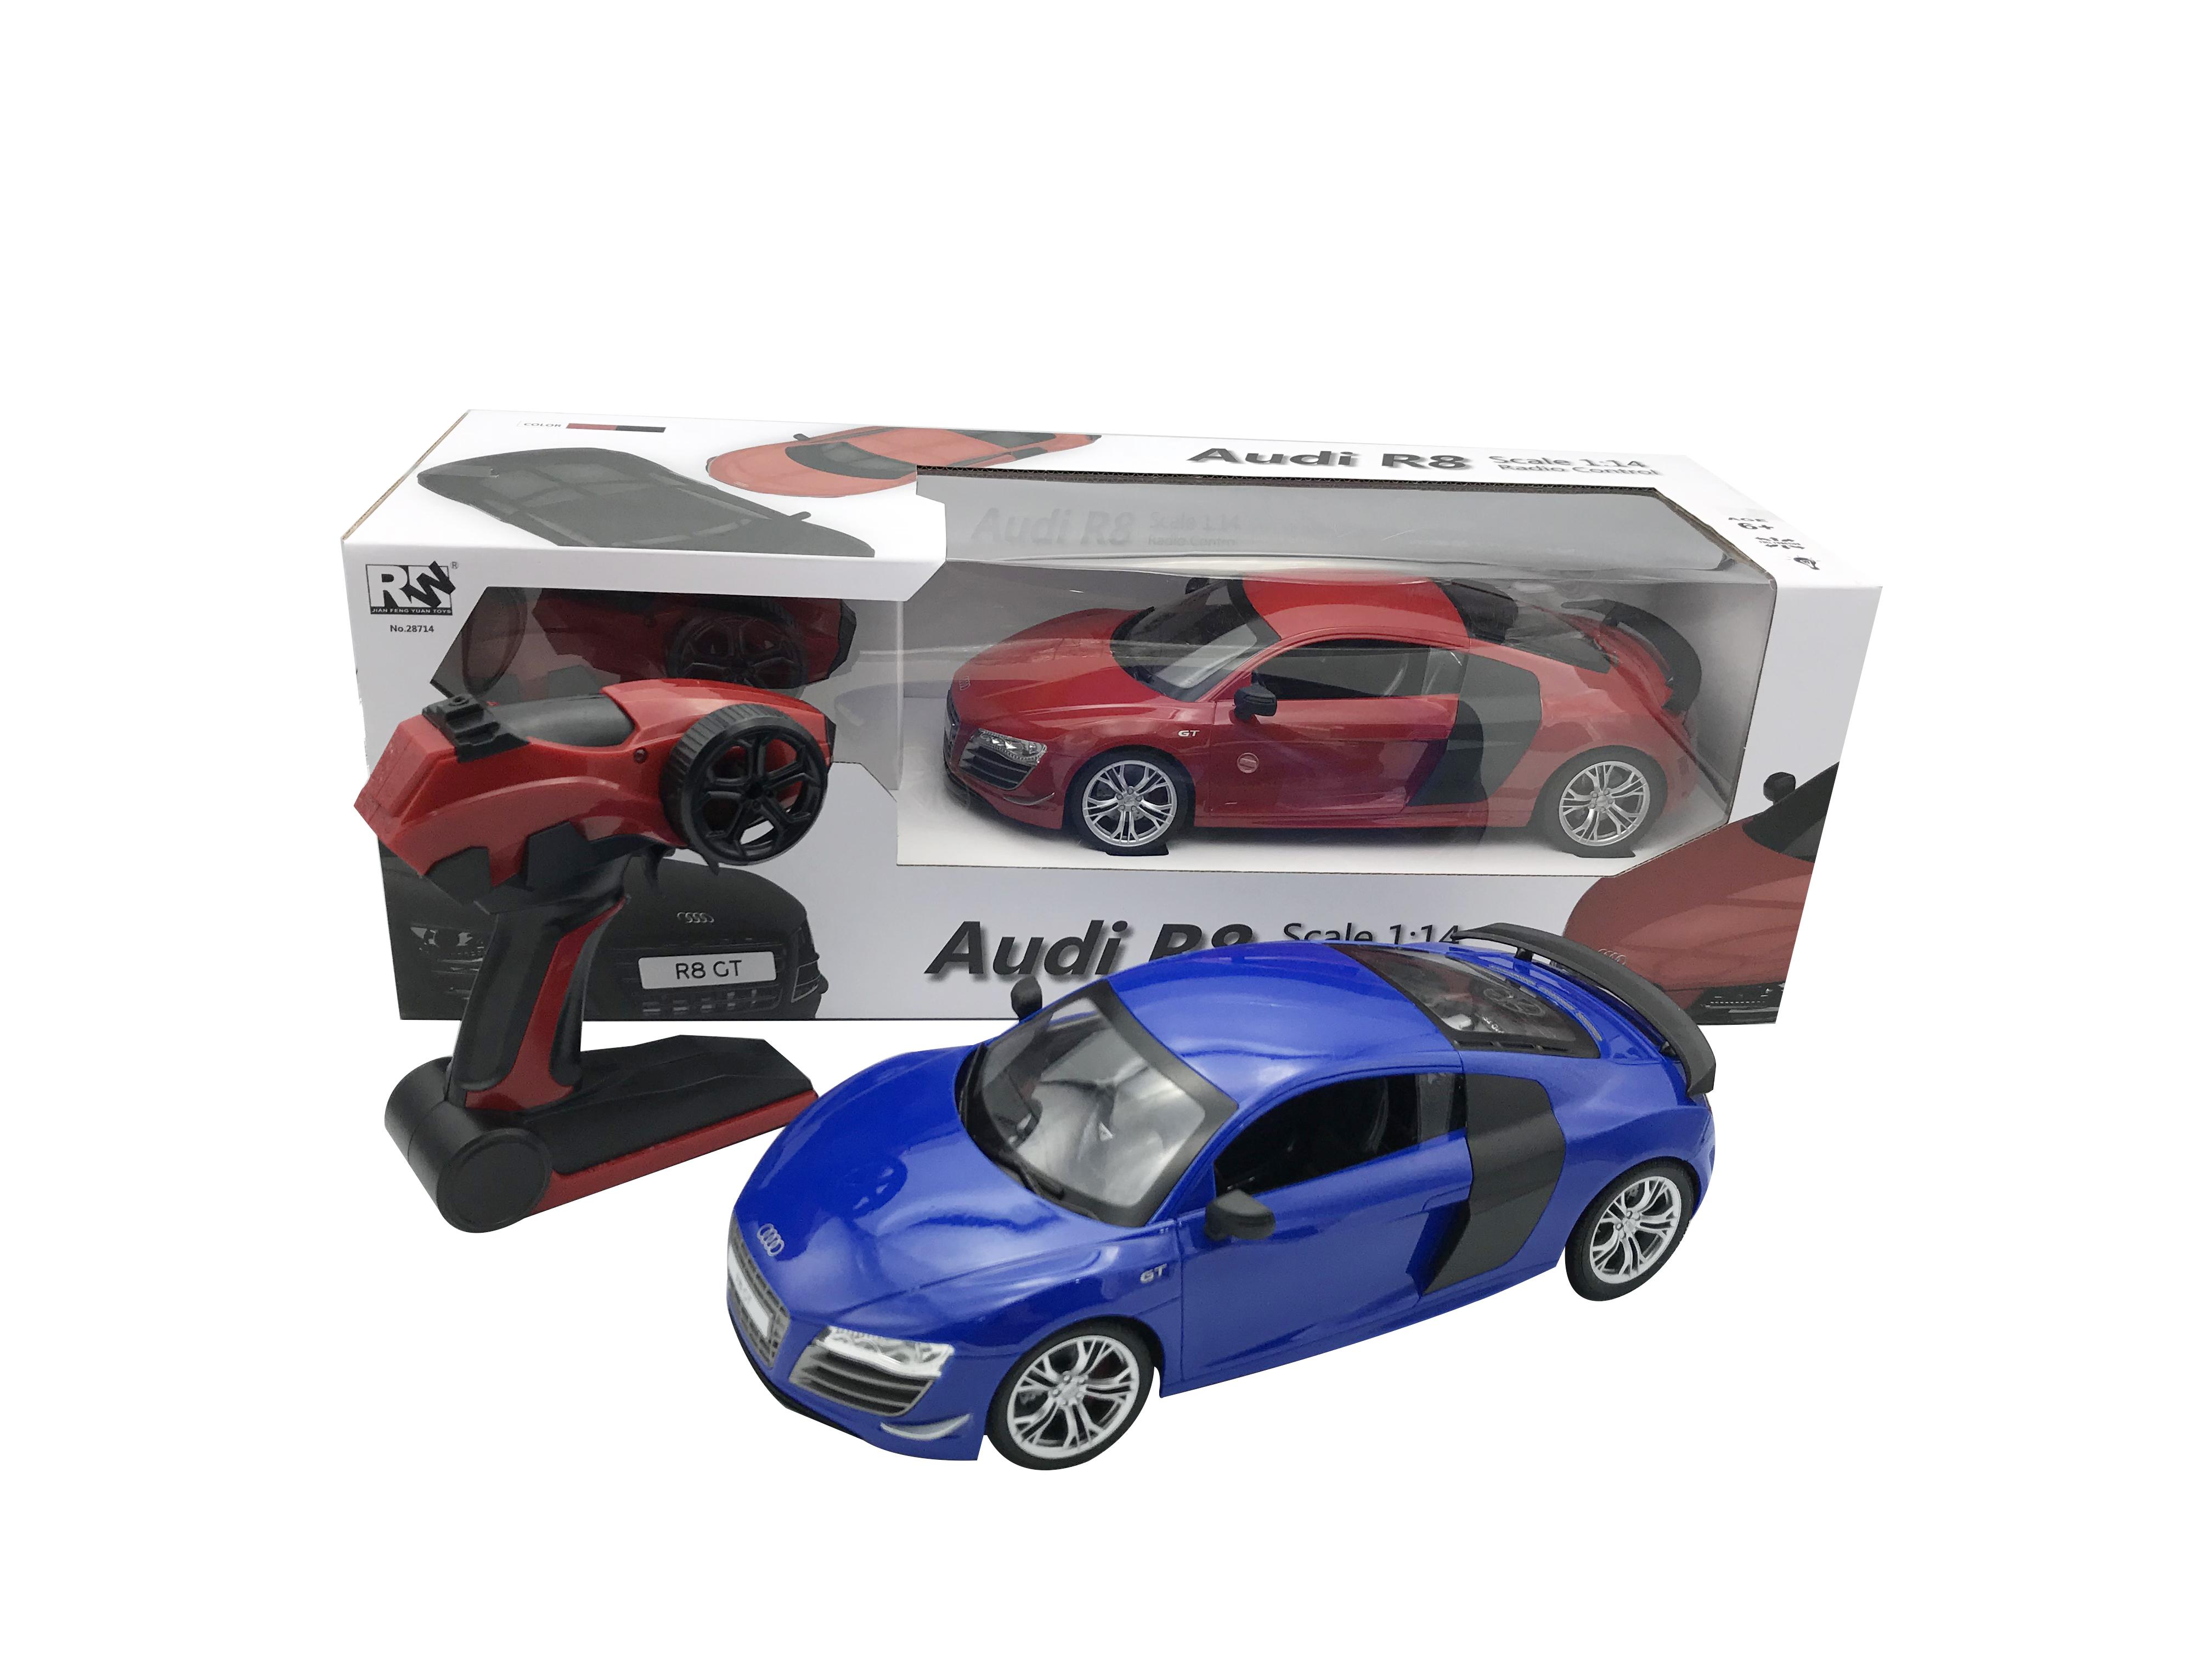 नई आइटम रिमोट कंट्रोल कार बच्चों ऑडी कार 2019 नए खिलौने आर सी कार